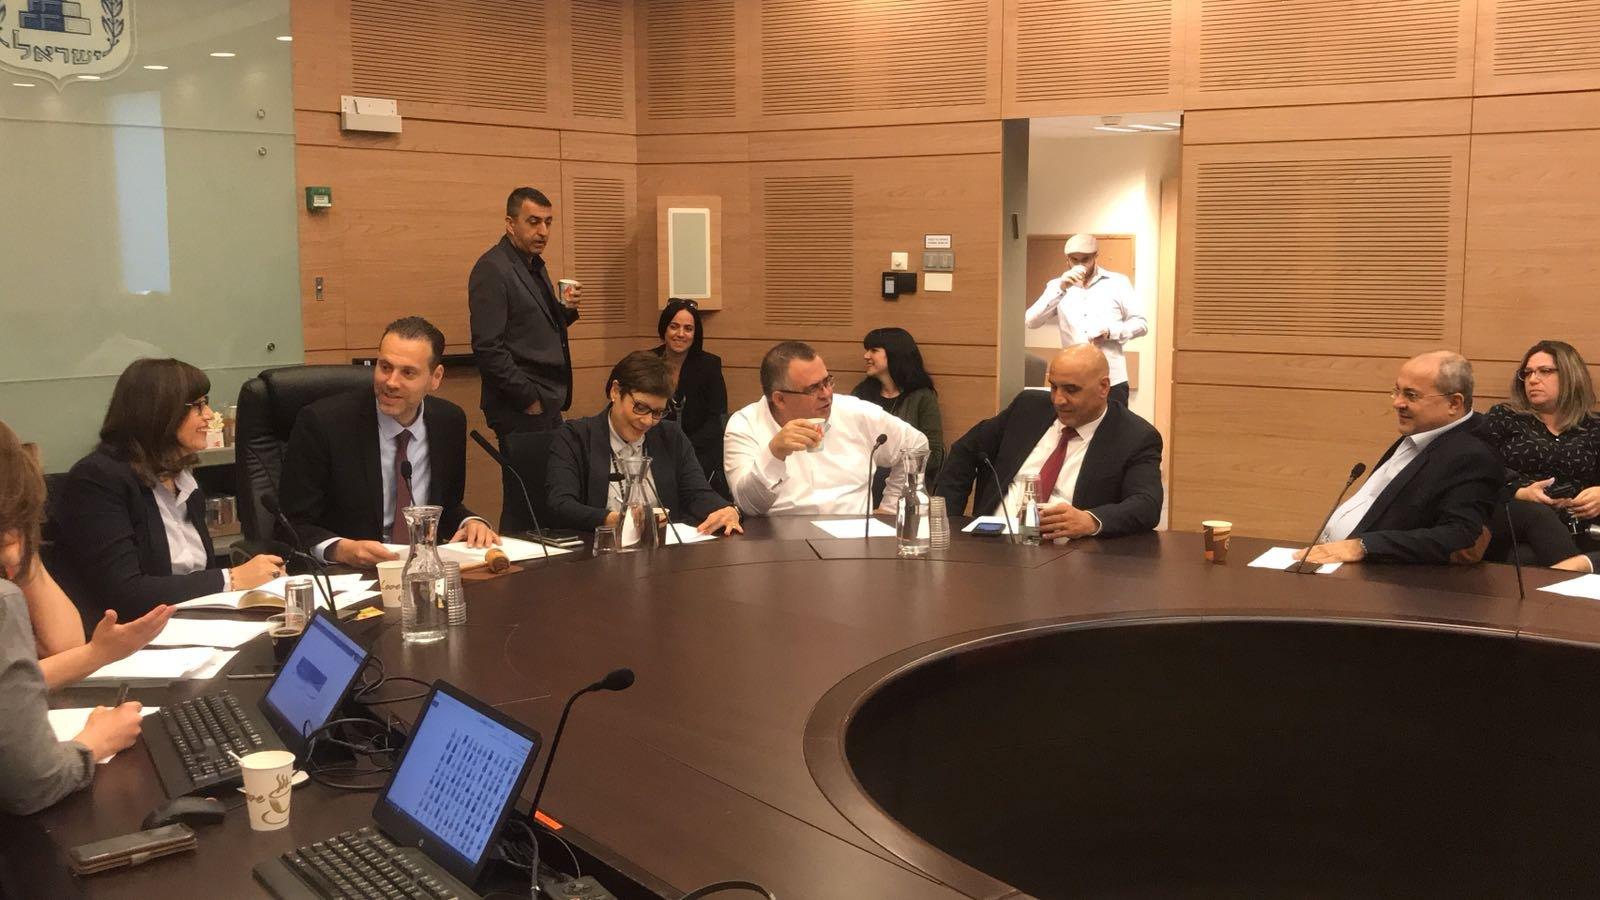 المصادقة على اقامة لجنة برلمانية لتشغيل العرب والمساواة الاجتماعية برئاسة الطيبي